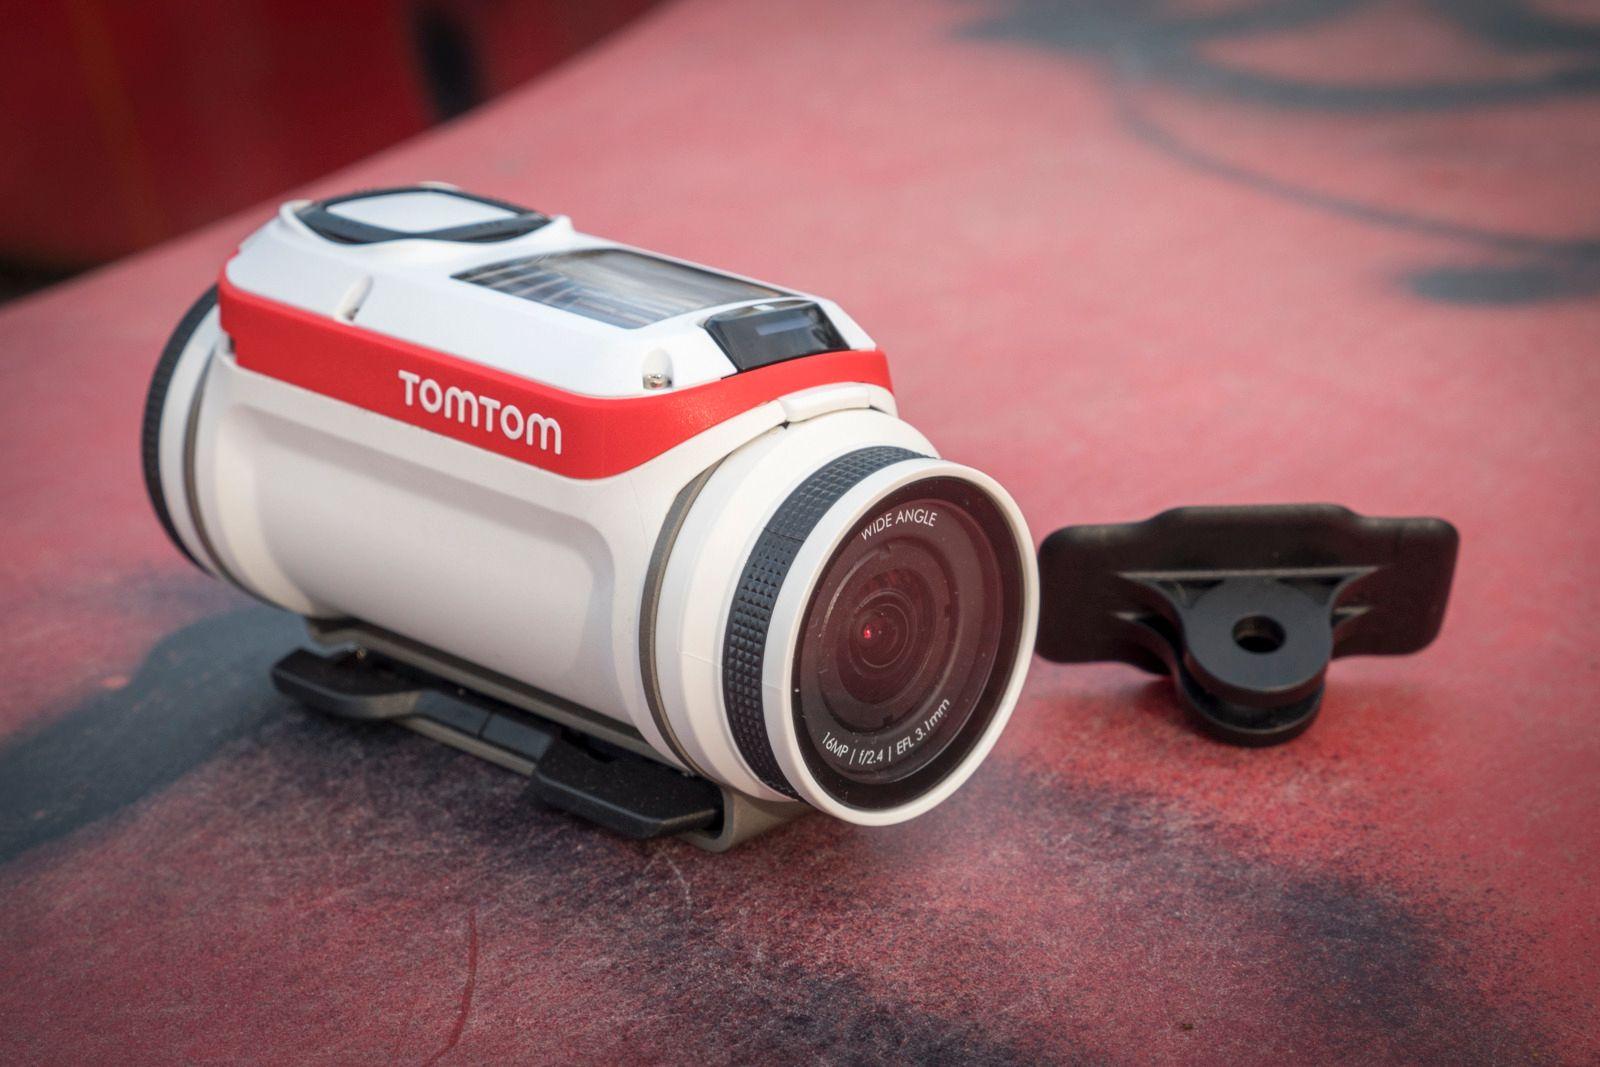 Det medfølgende GoPro-adapteret er en kjempefordel.